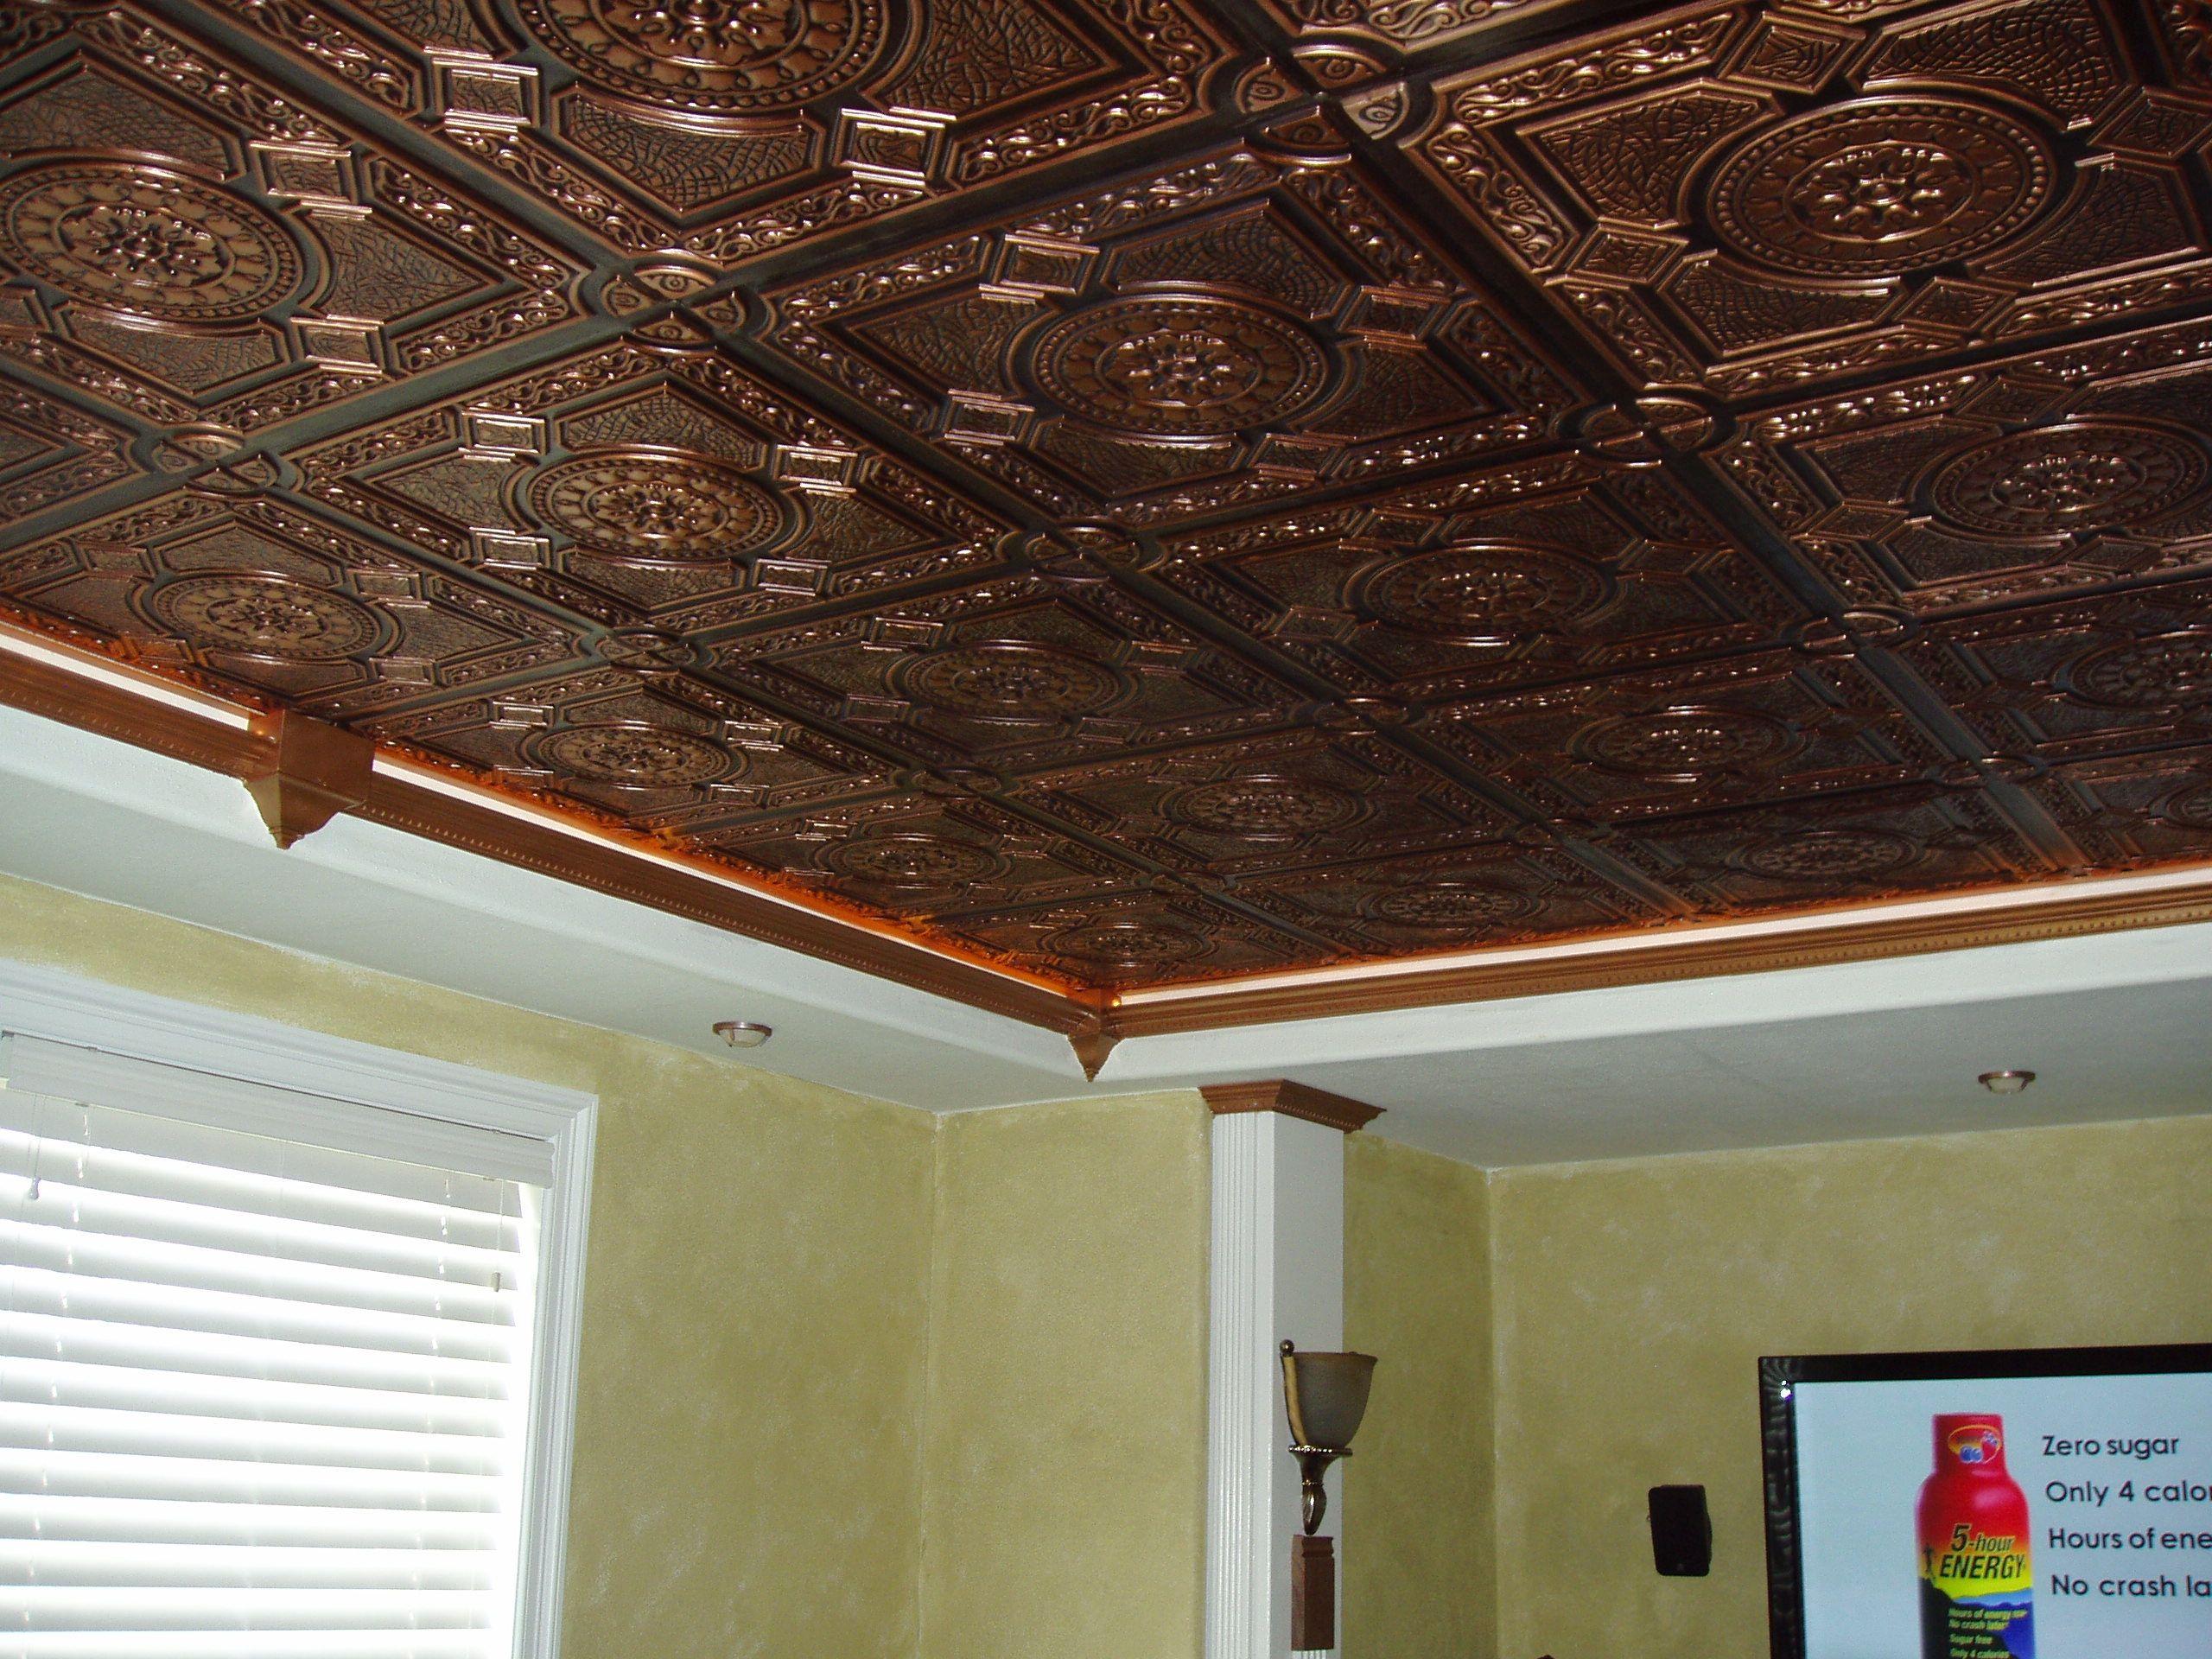 24 x 24 foam ceiling tiles httpcreativechairsandtables 24 x 24 foam ceiling tiles dailygadgetfo Image collections